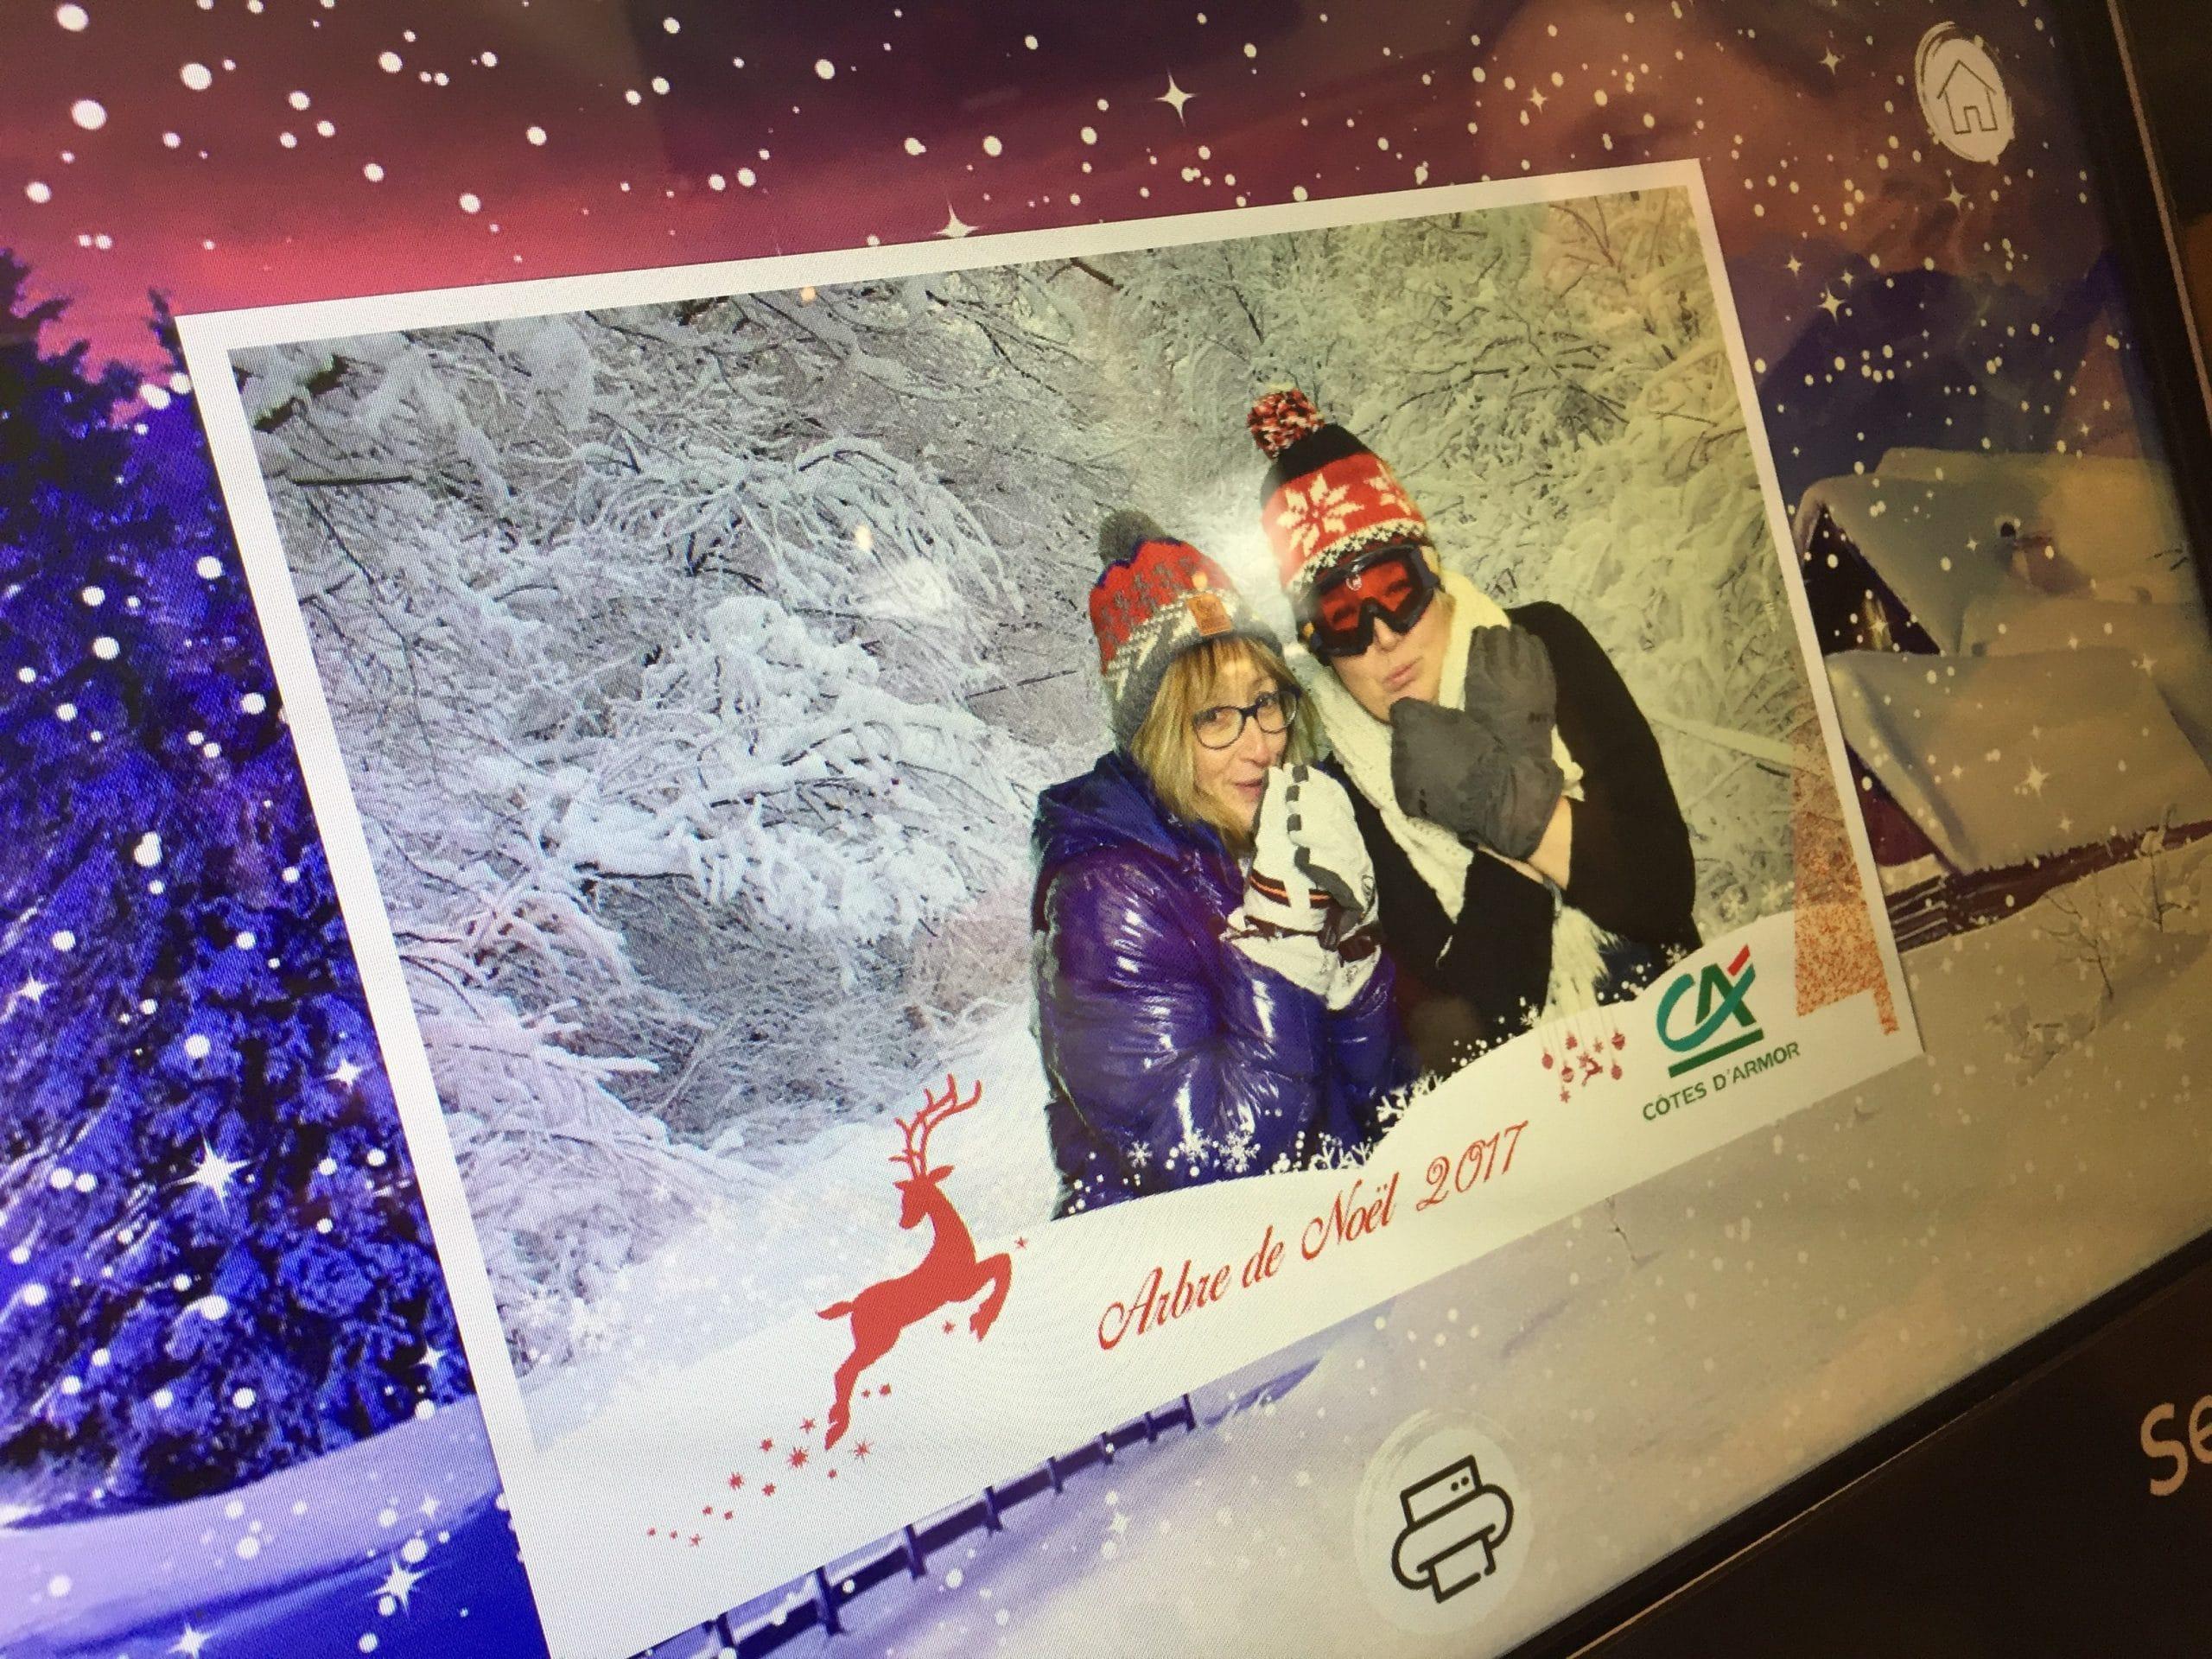 Soirée d'entreprise arbre de Noël au Crédit Agricole Ploufragan en Côtes d'Armor avec borne photo et fond vert